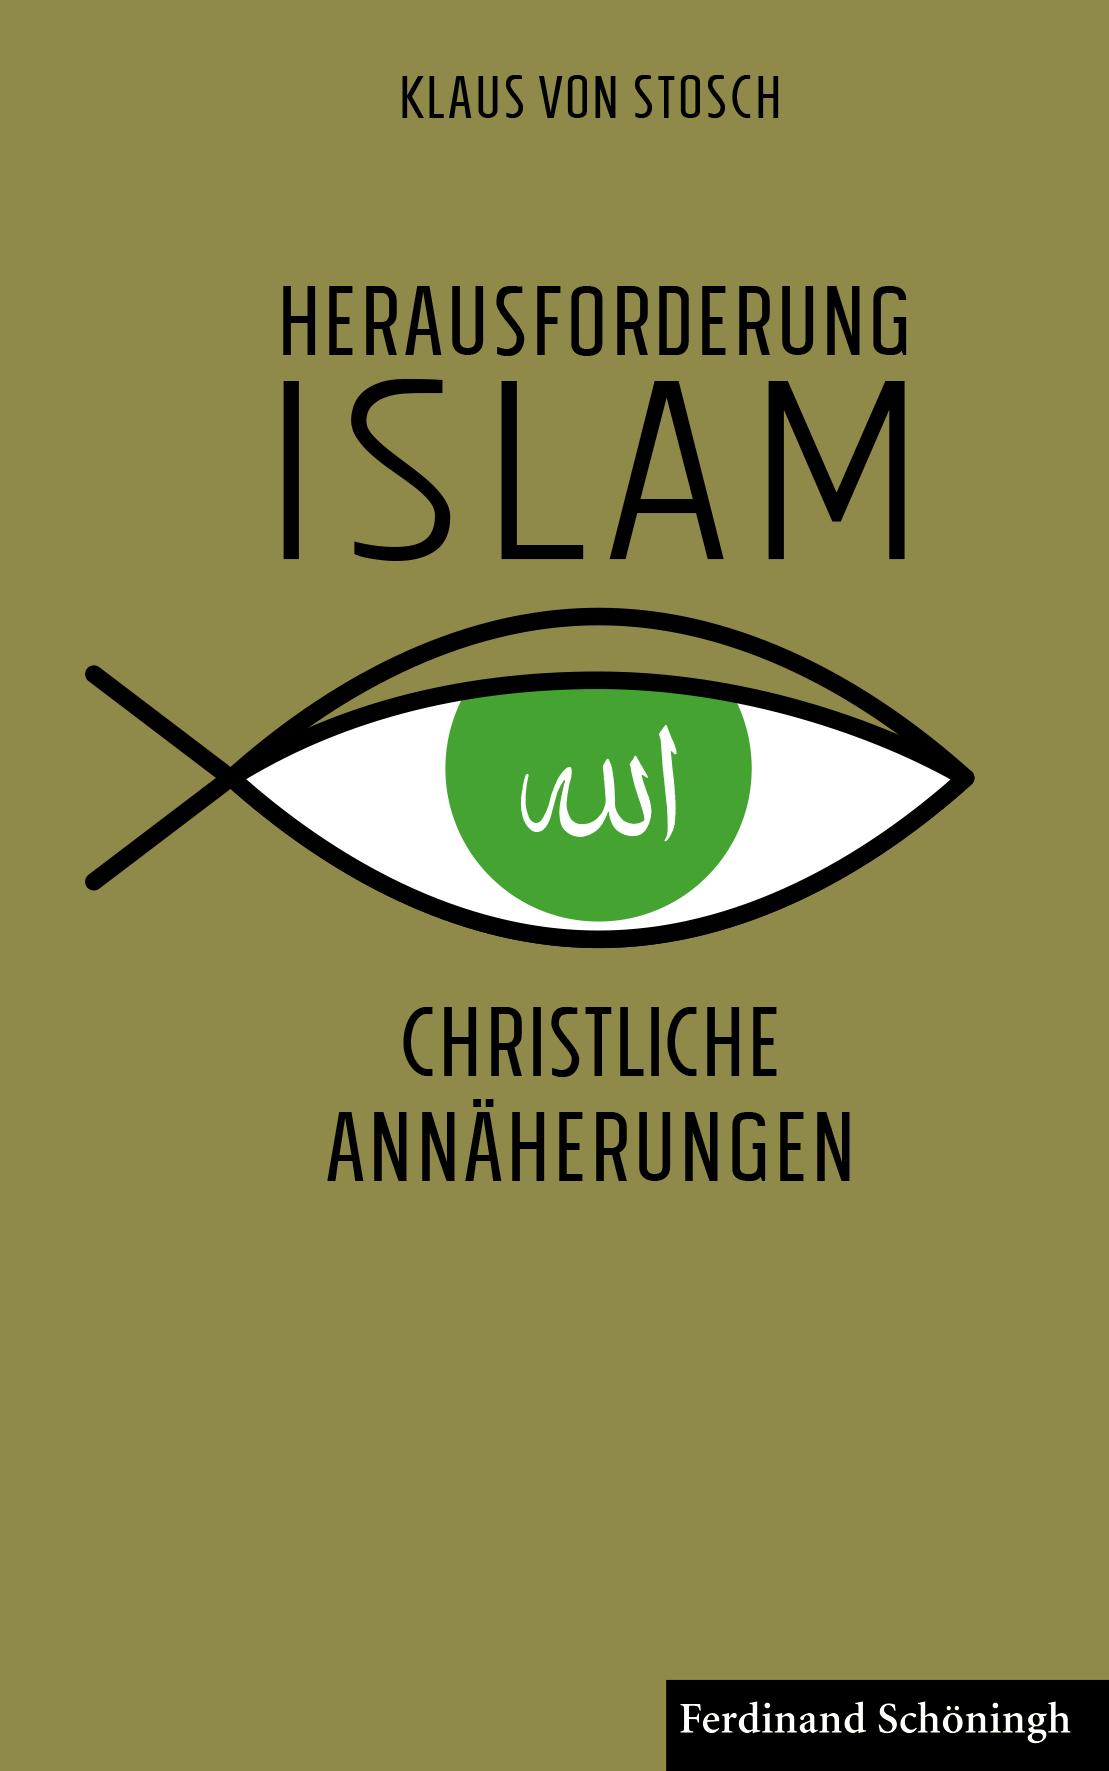 Herausforderung Islam: Christliche Annäherungen Klaus von Stosch